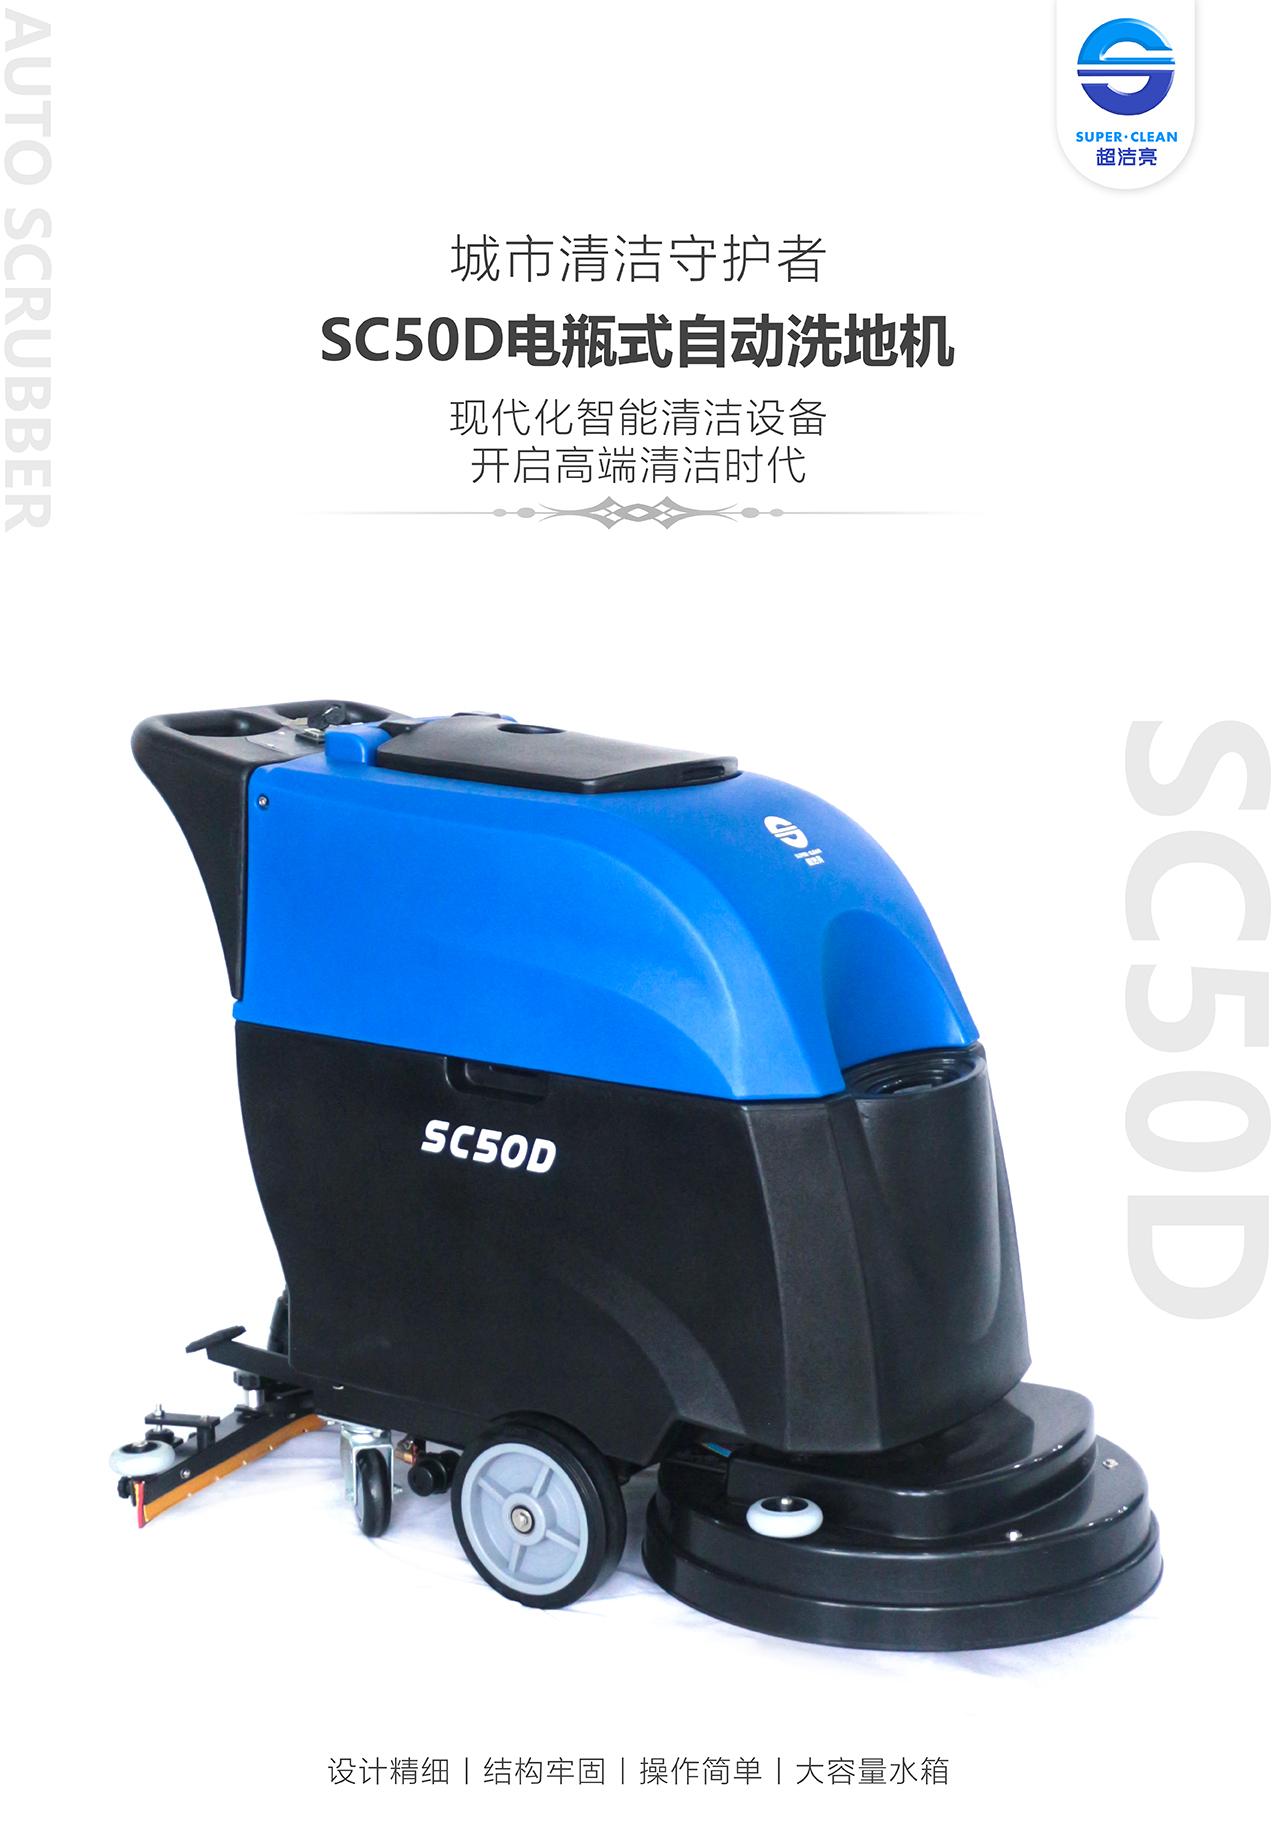 国内洗地机生产厂家_超洁亮洗地机相关